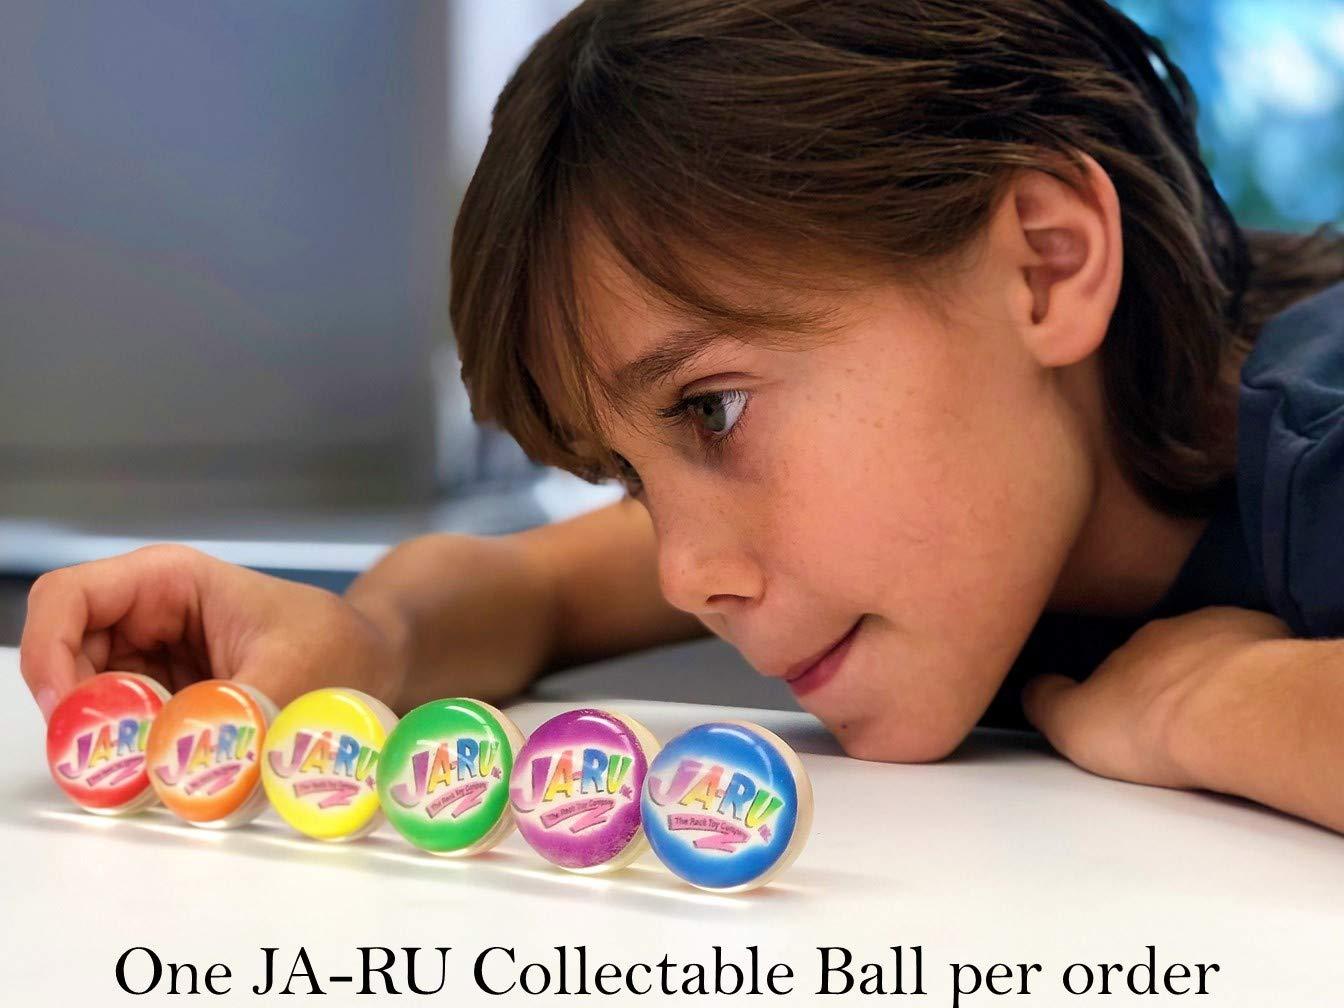 JA-RU Slime Test Tube Sludge (Pack of 24 with Display) Dr. Wacko's Mad Lab Goo, Glowing Alien Colors Sensory Educational Toy   Item # 5437-24p by JA-RU